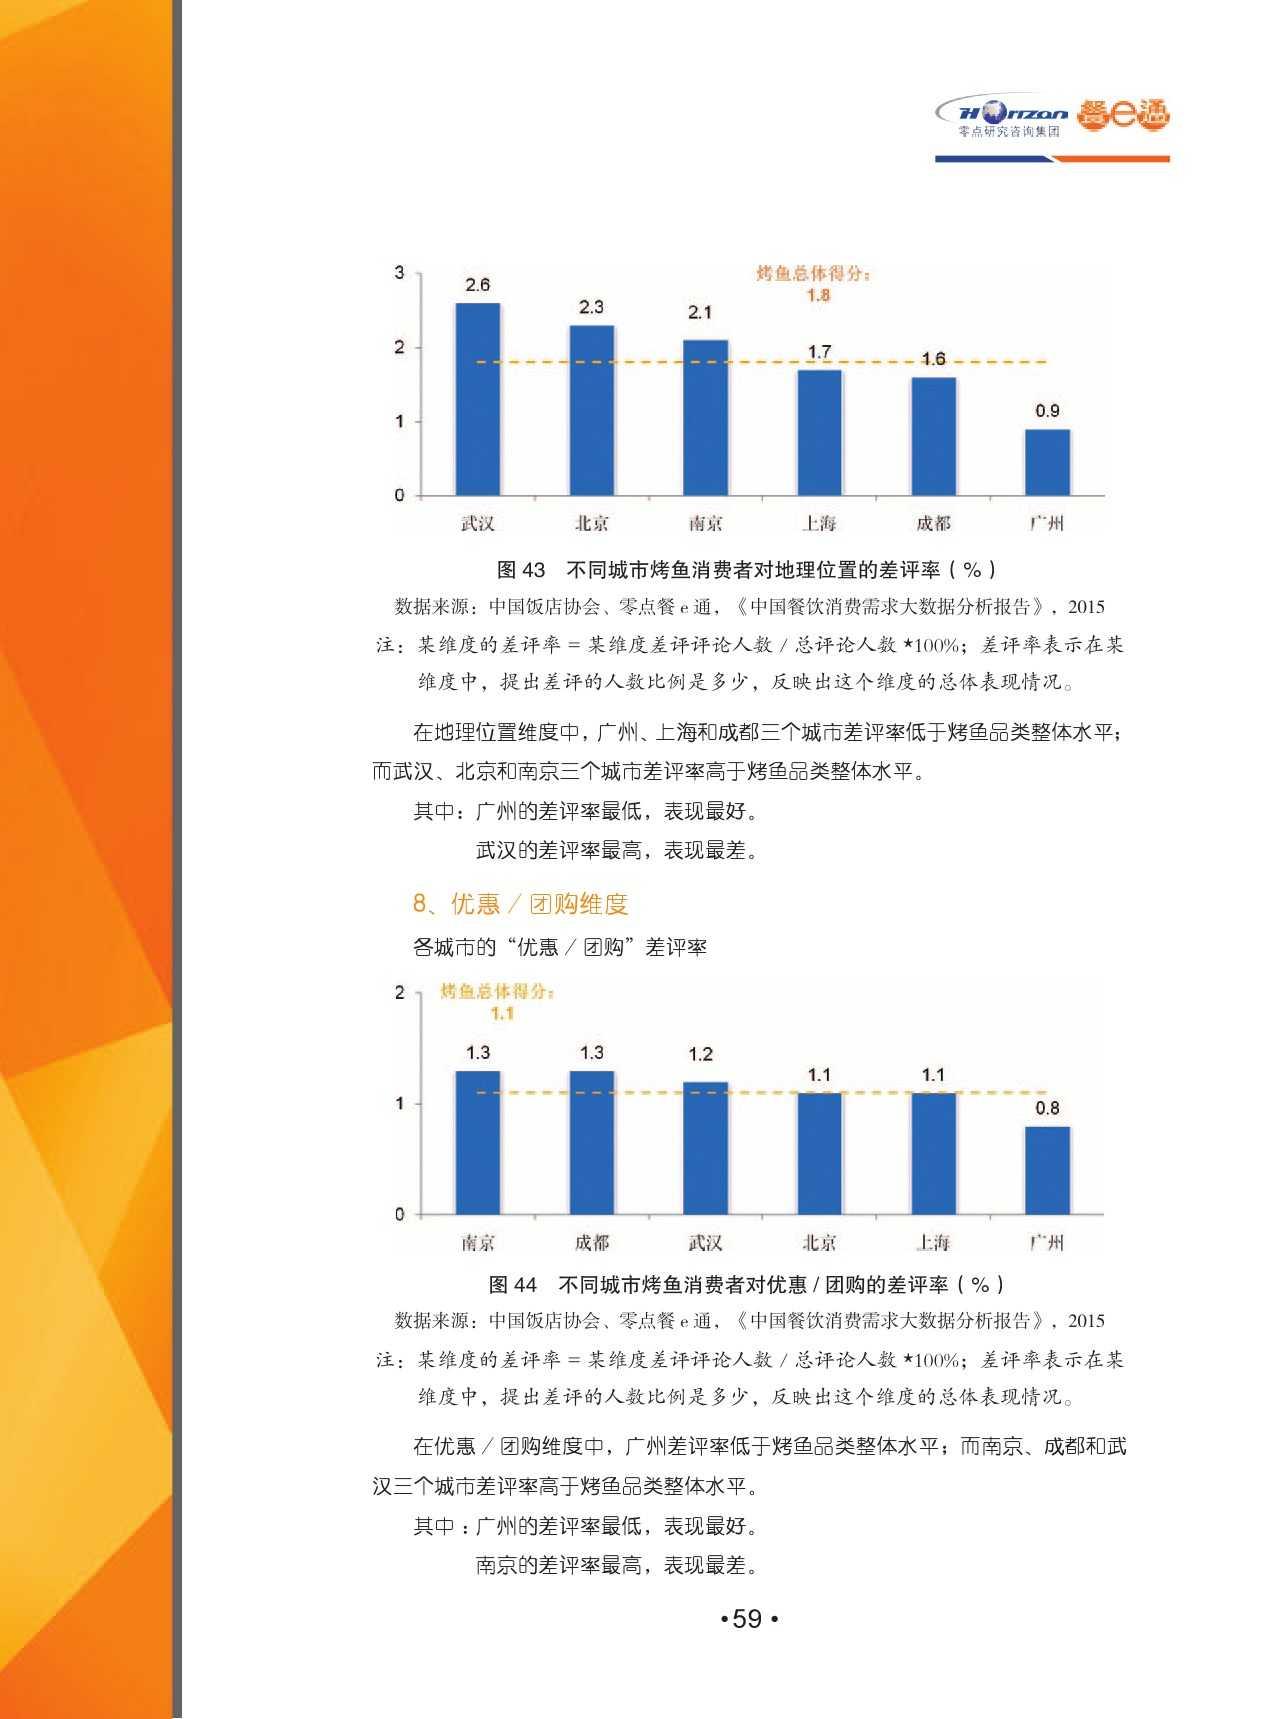 2015中国餐饮消费需求大数据分析报告_000061